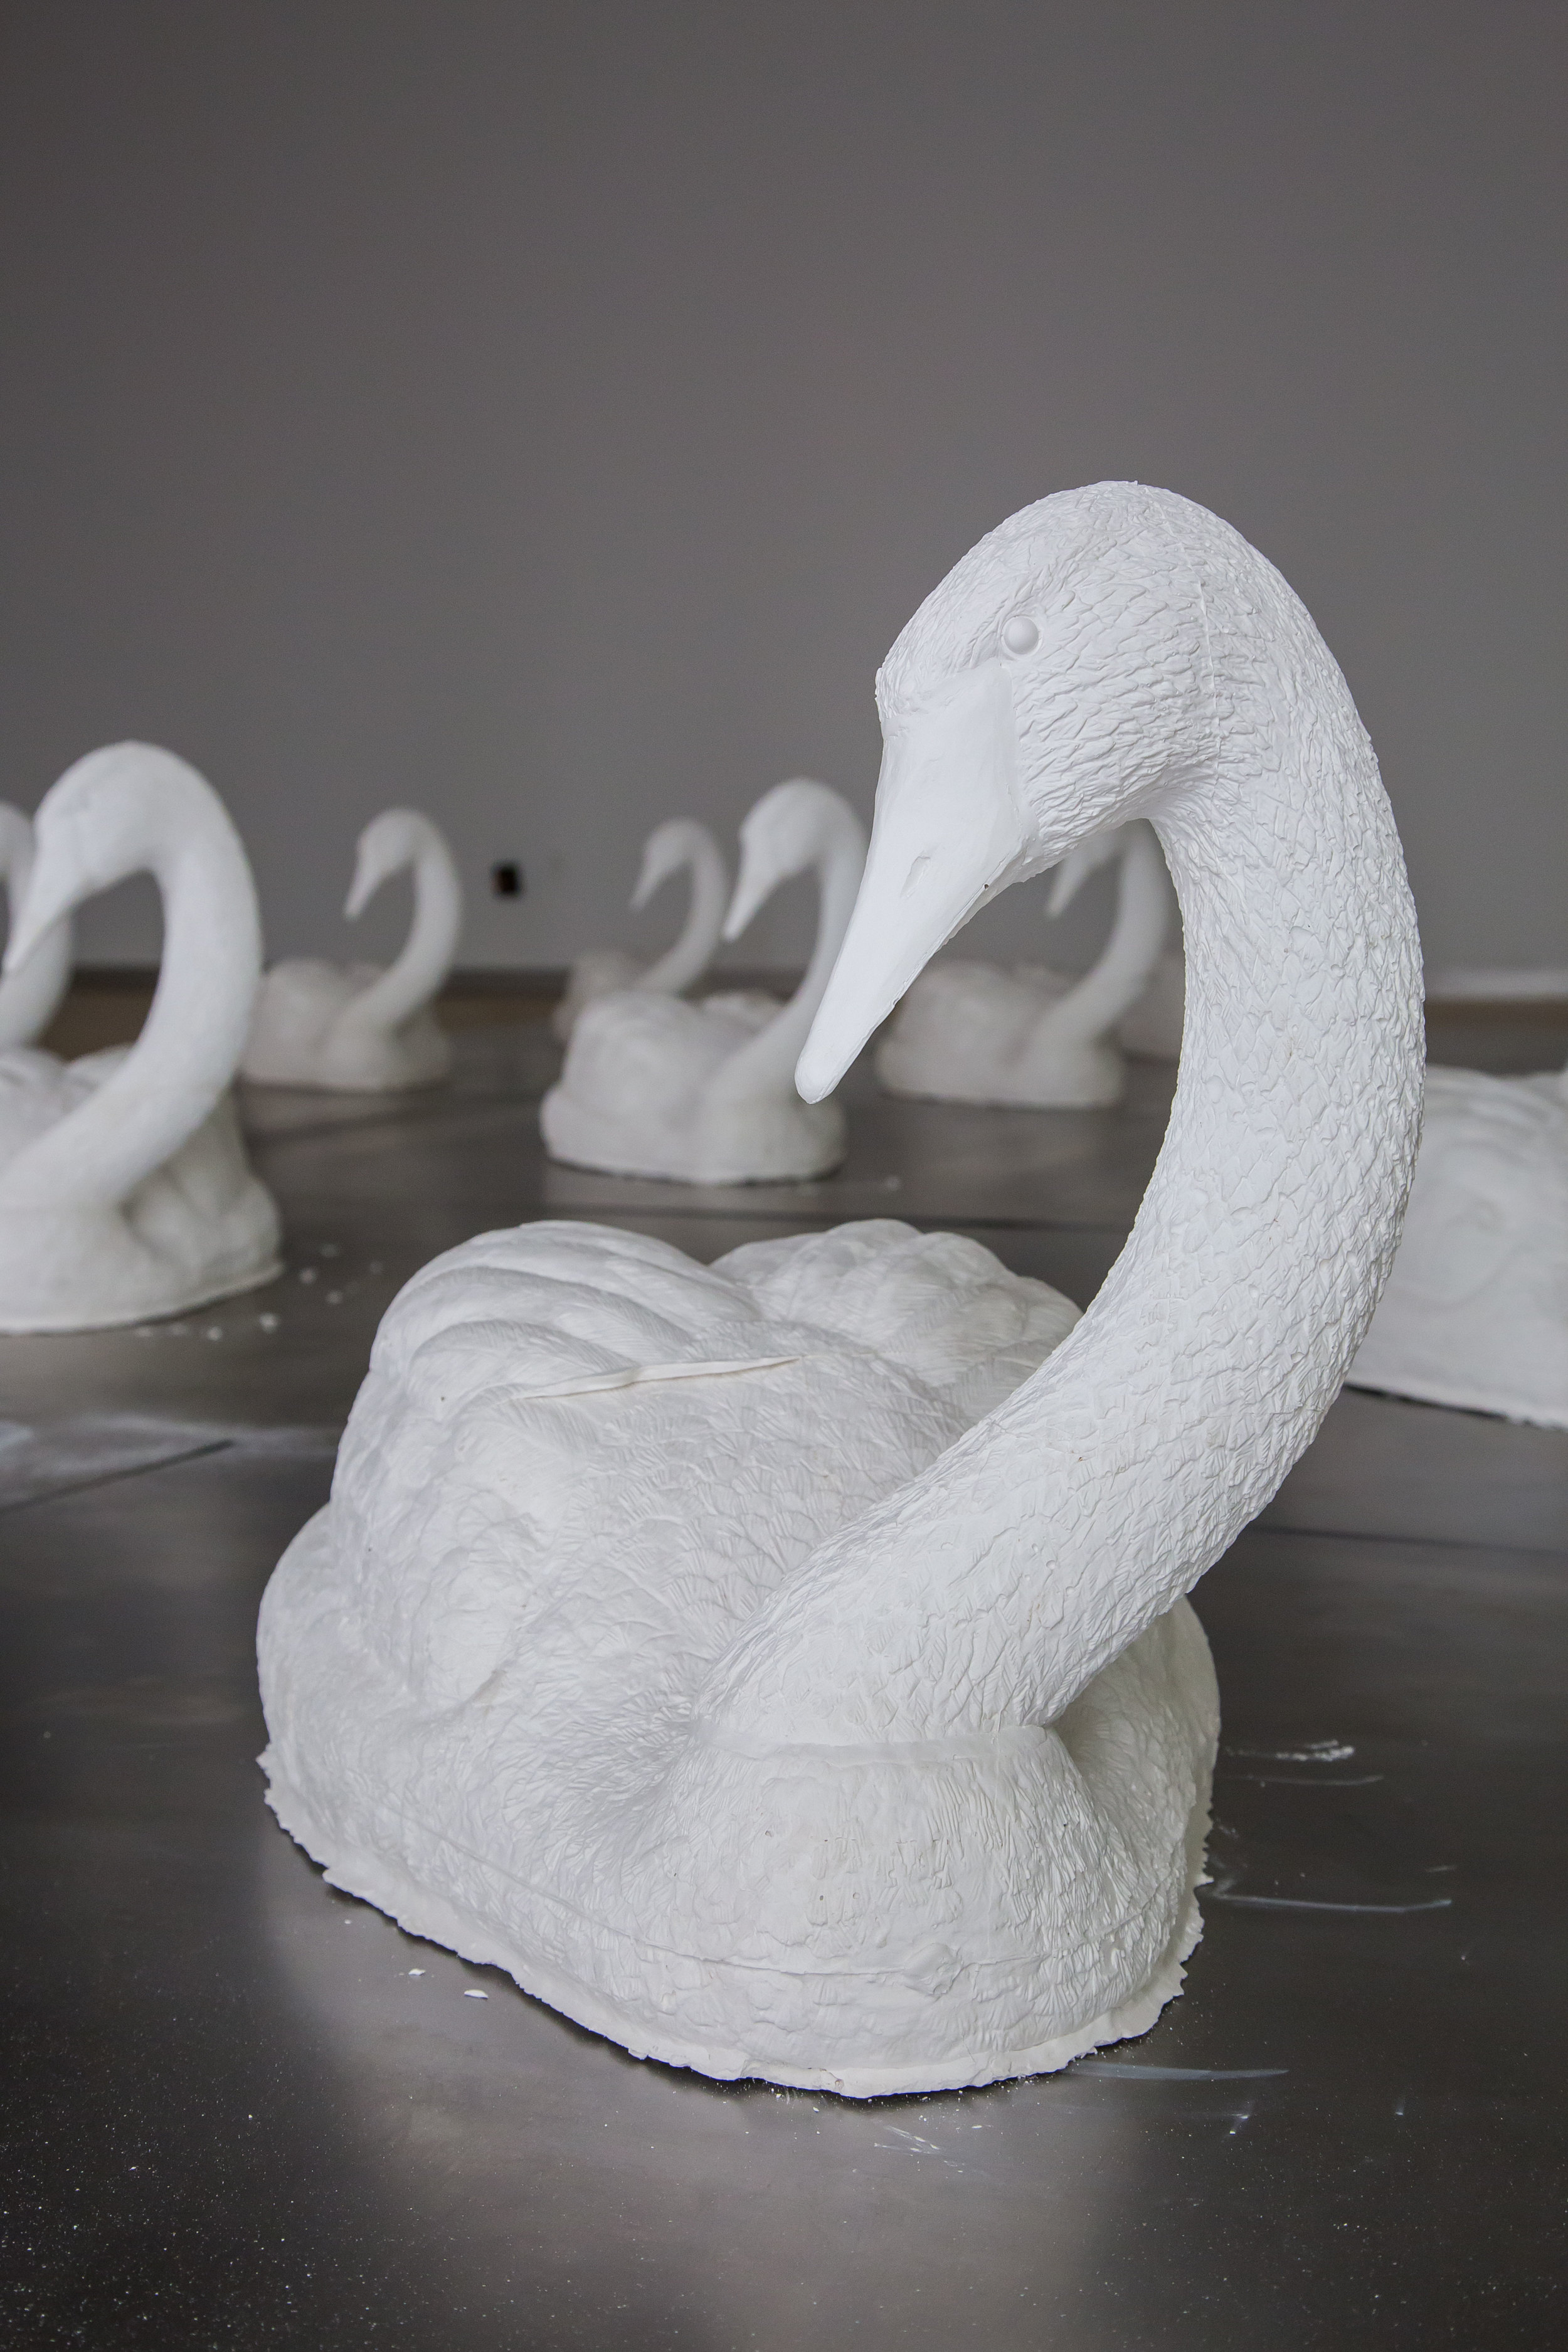 Swan_02.jpg